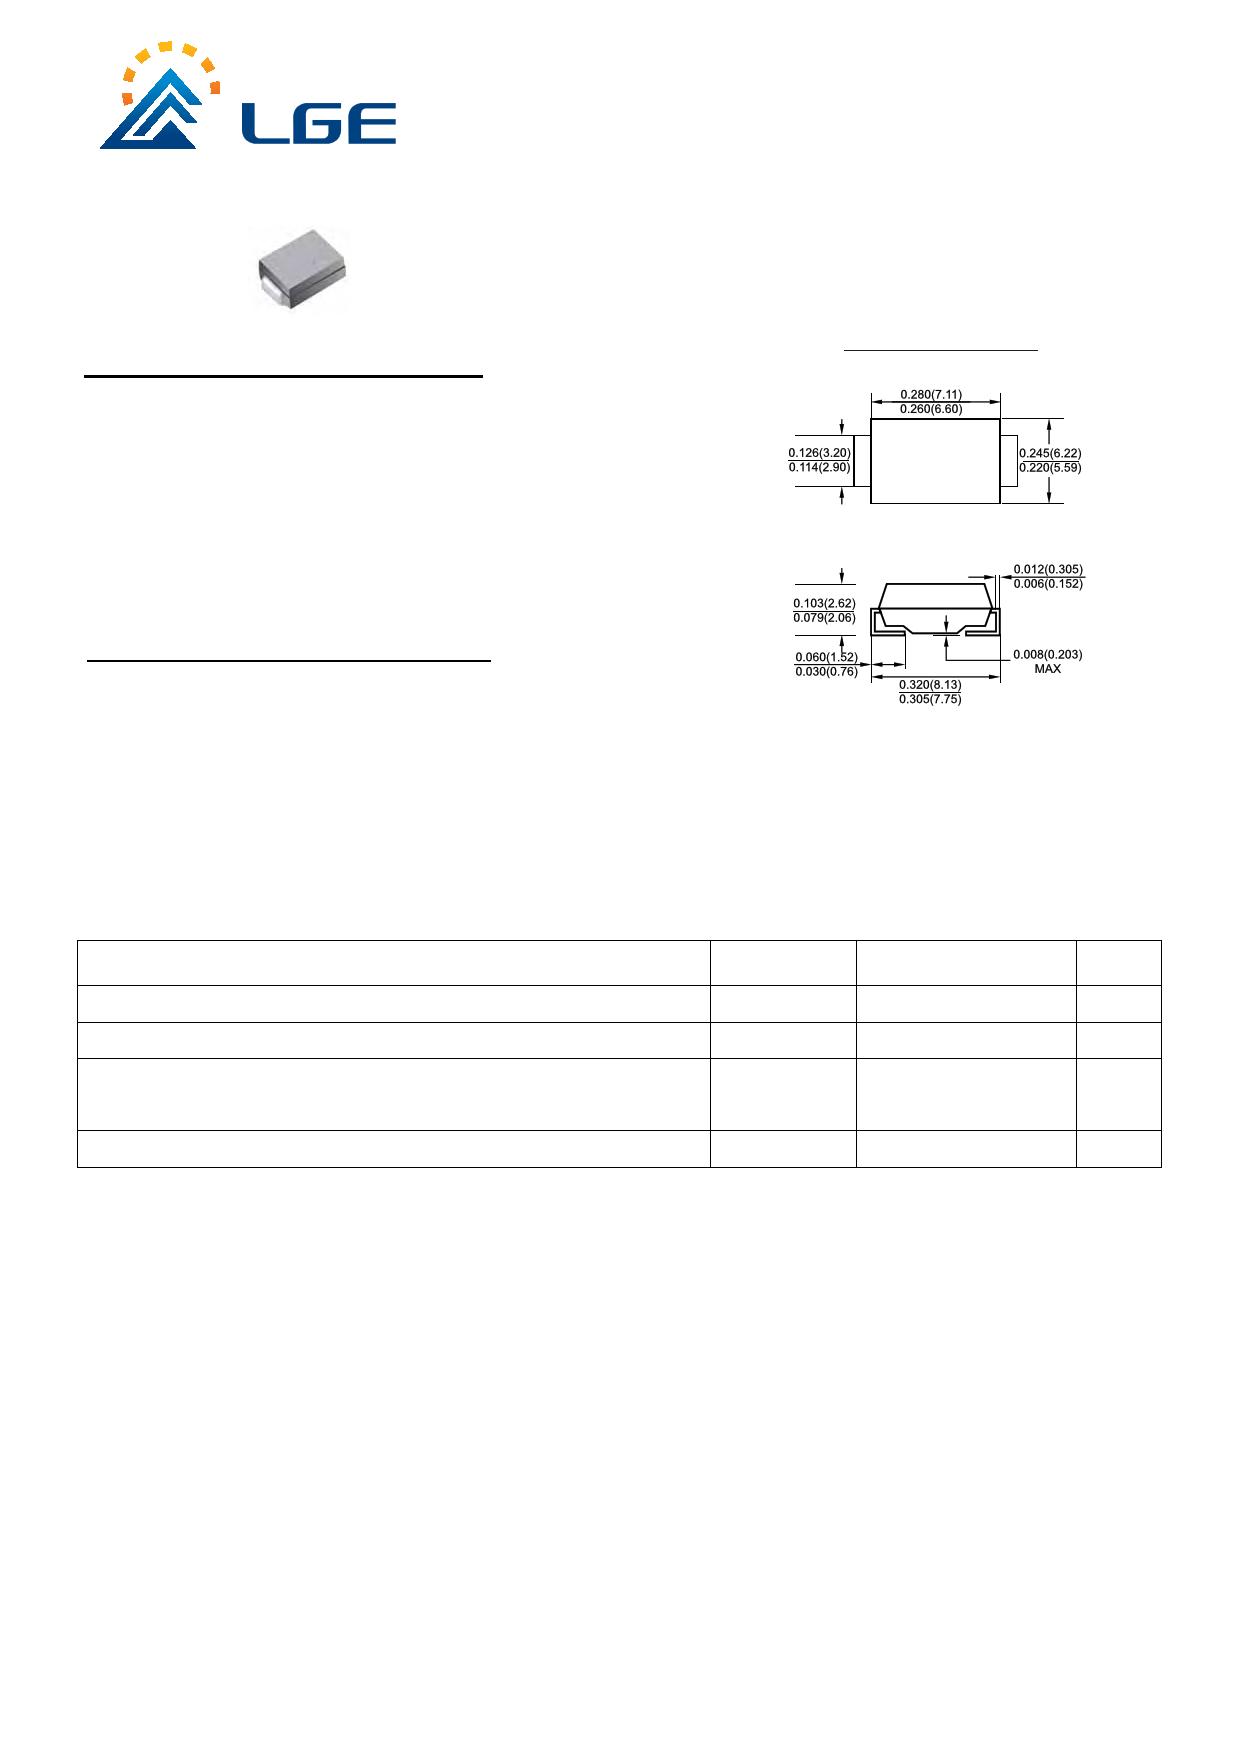 3.0SMCJ13C Datasheet, 3.0SMCJ13C PDF,ピン配置, 機能